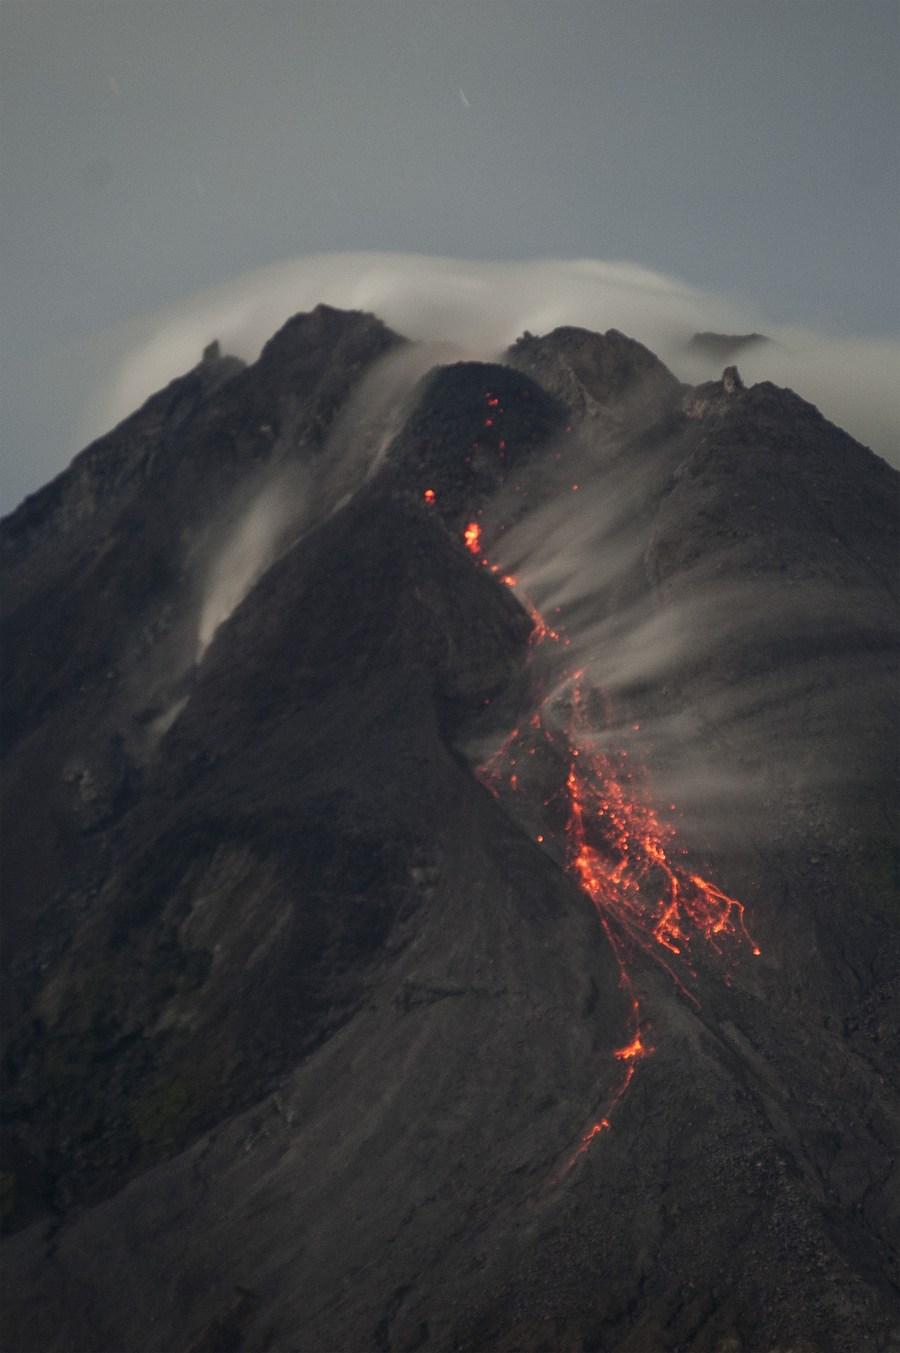 ภูเขาไฟเมราปีปะทุในอินโดนีเซีย